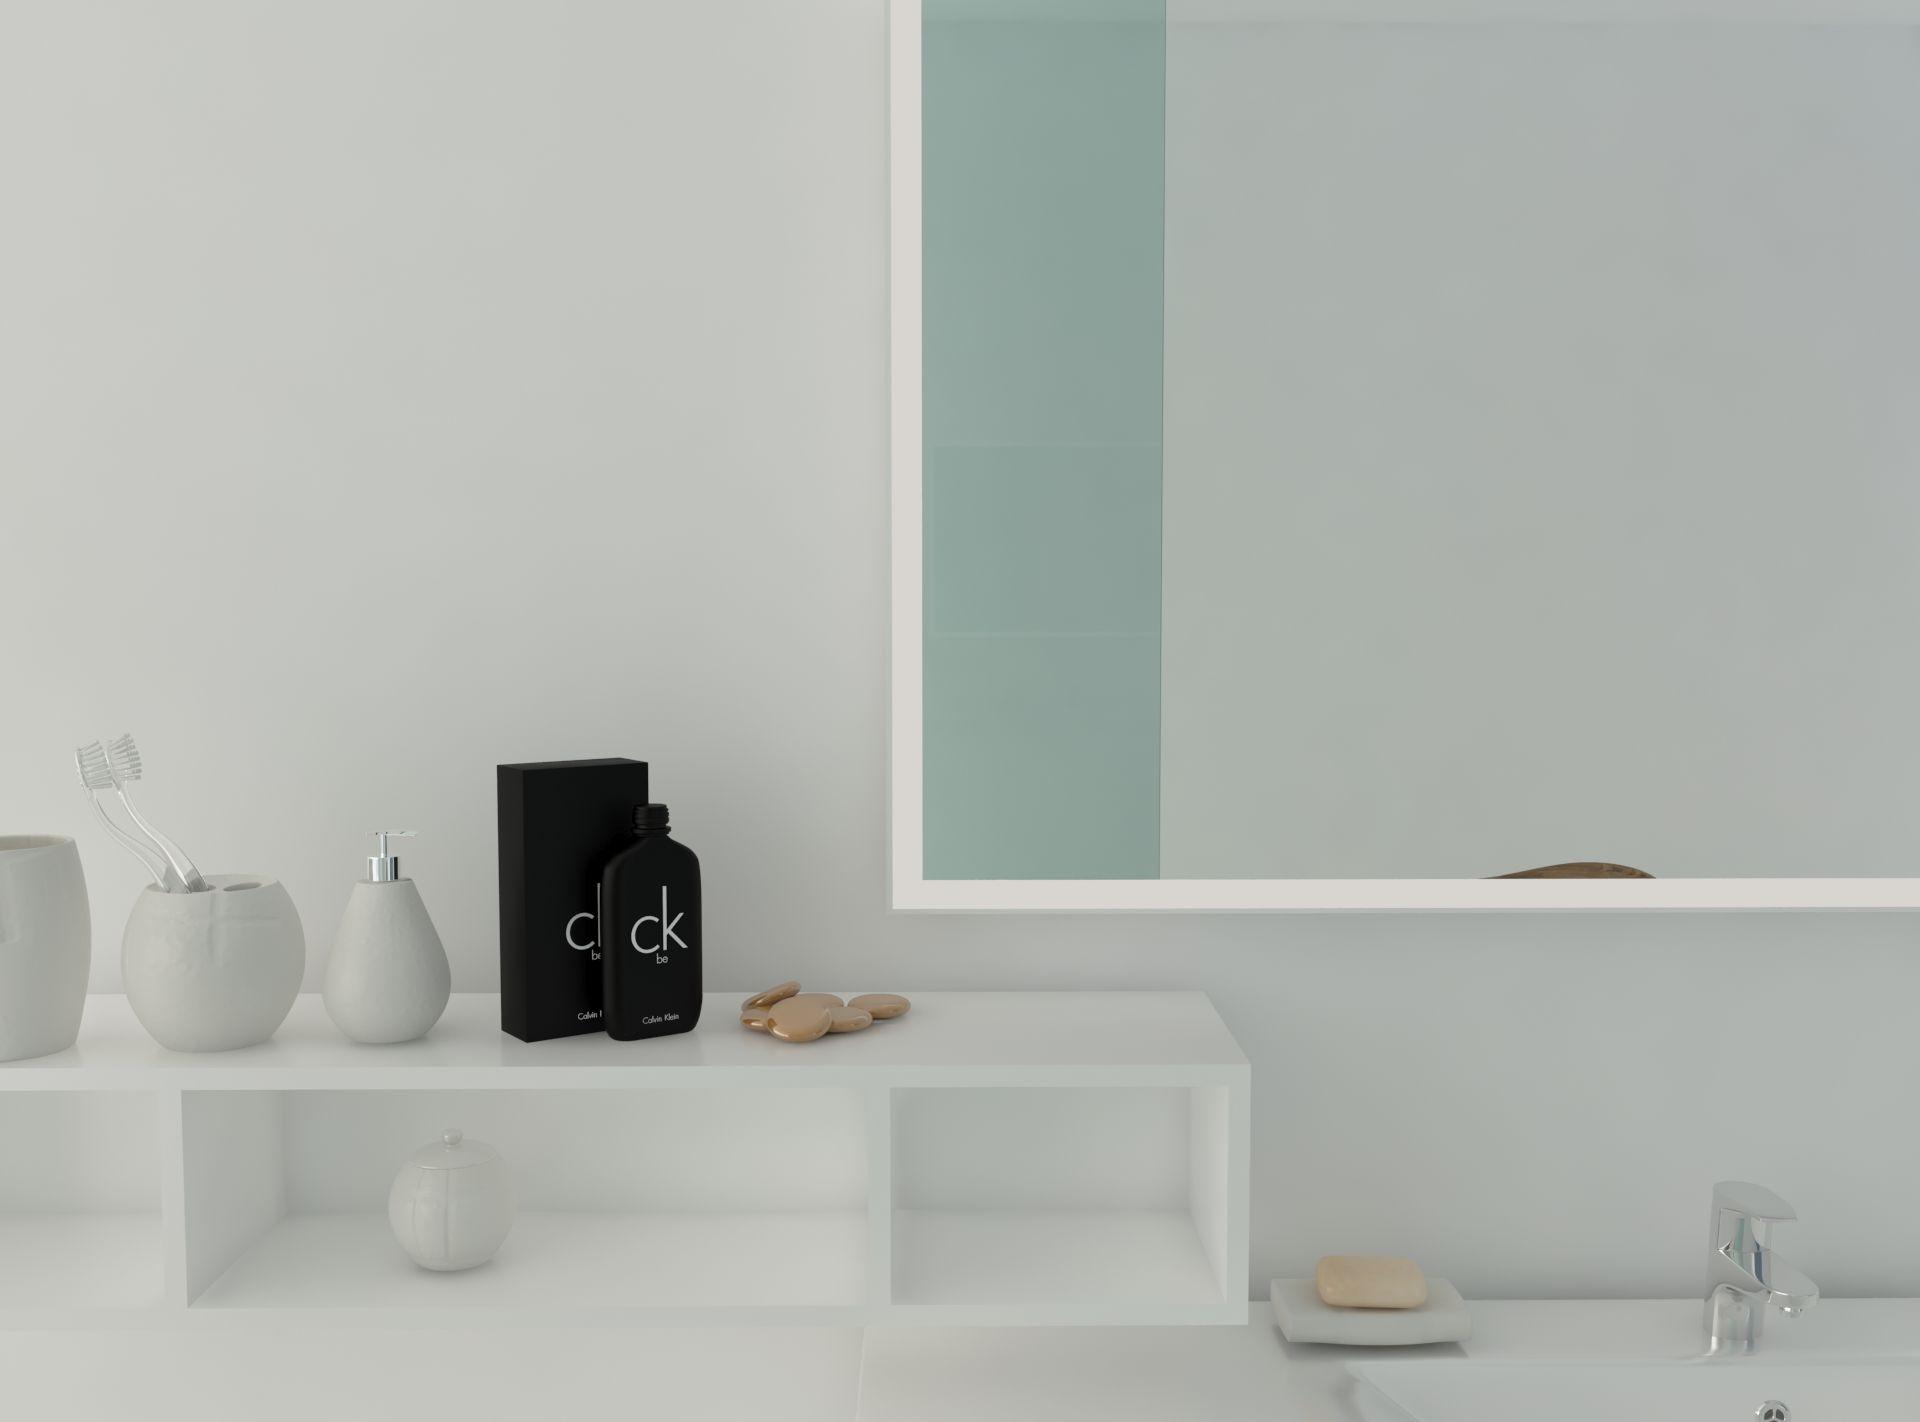 Badspiegel Wandspiegel Und Spiegel Nach Mass Beleuchtet Bei Spiegelshop24 Badspiegel Badezimmerspiegel Spiegel